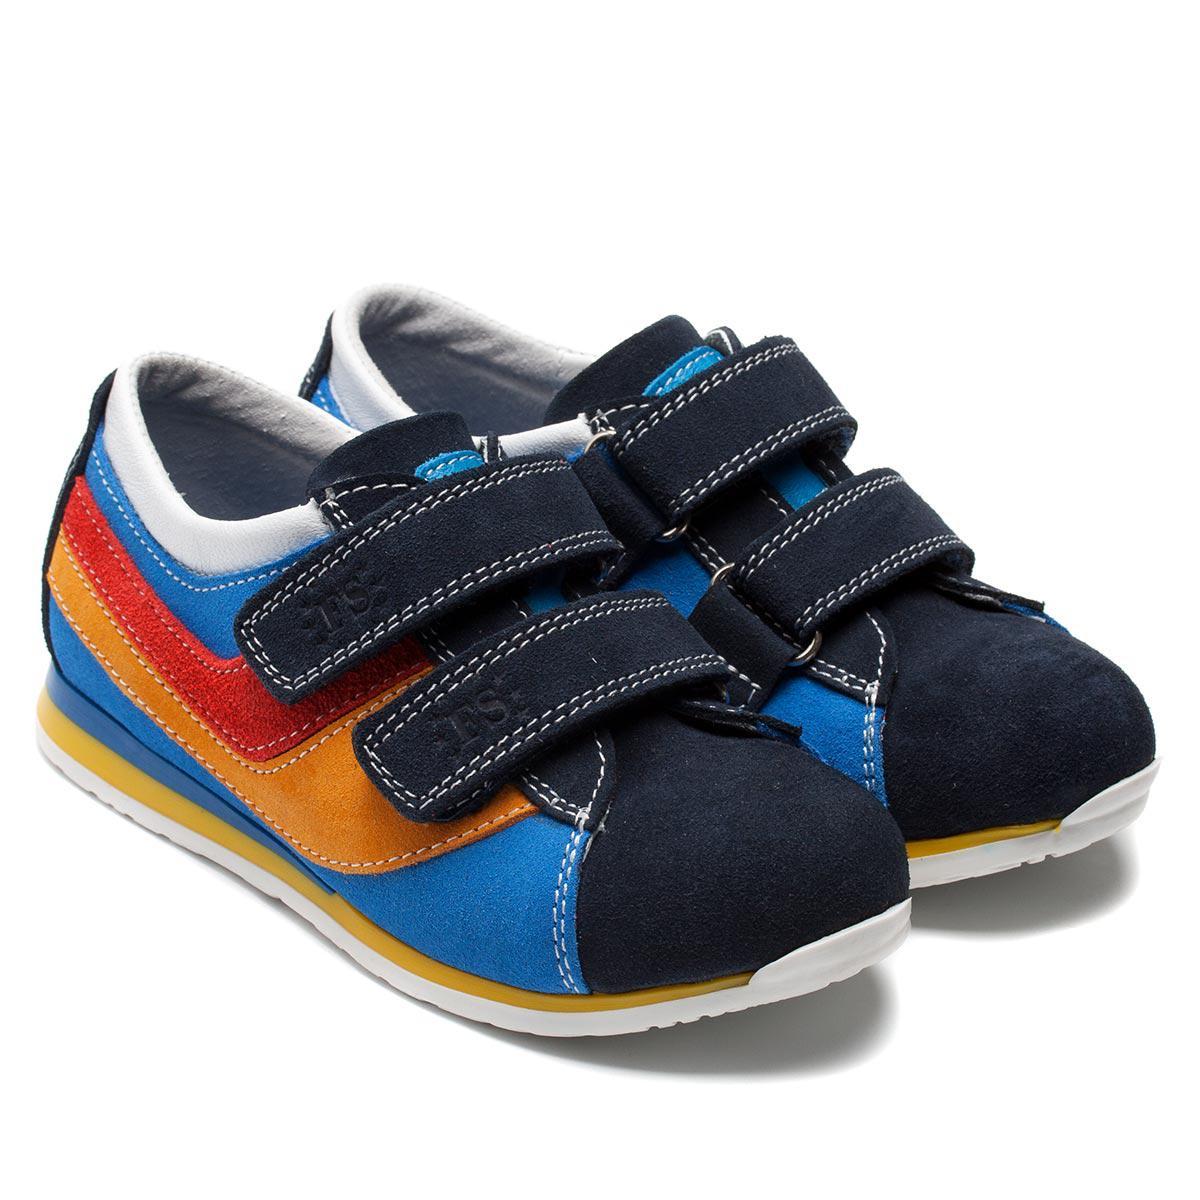 Кожаные детские кроссовки FS Сollection, на двух липучках, размер 27